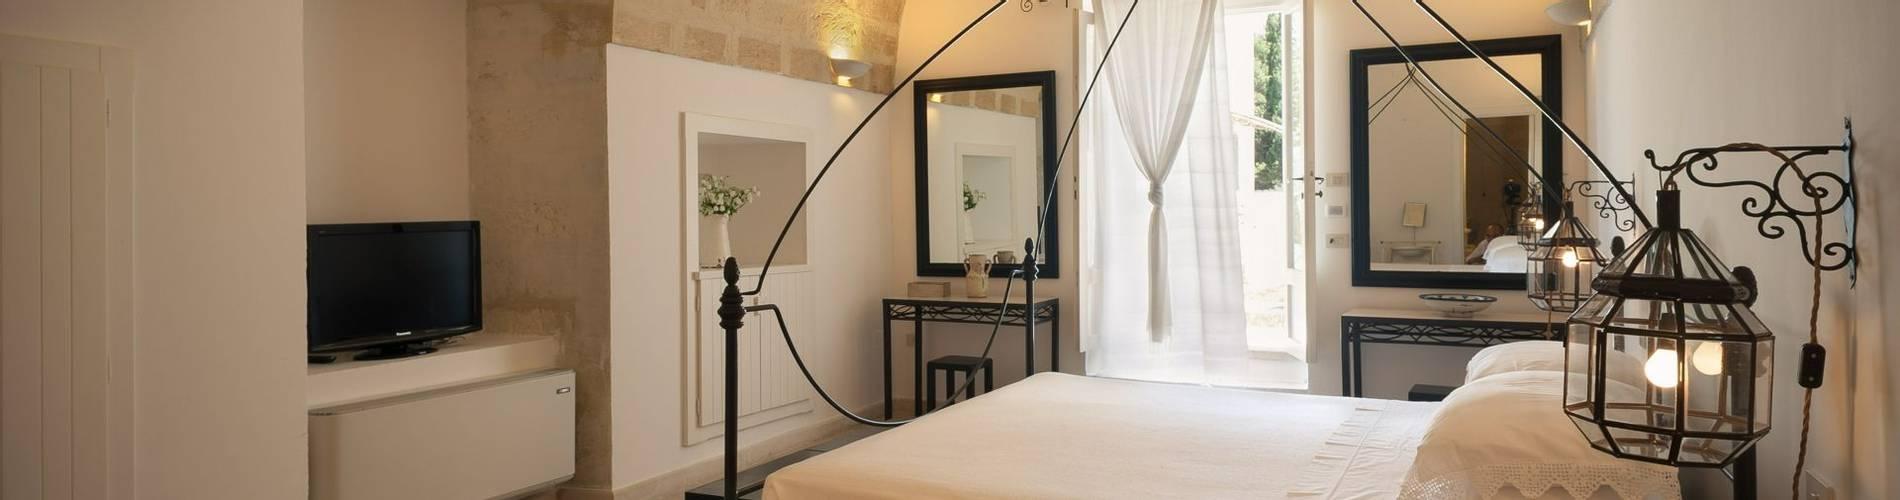 Masseria Montelauro, Puglia, Italy, Suite (5).jpg